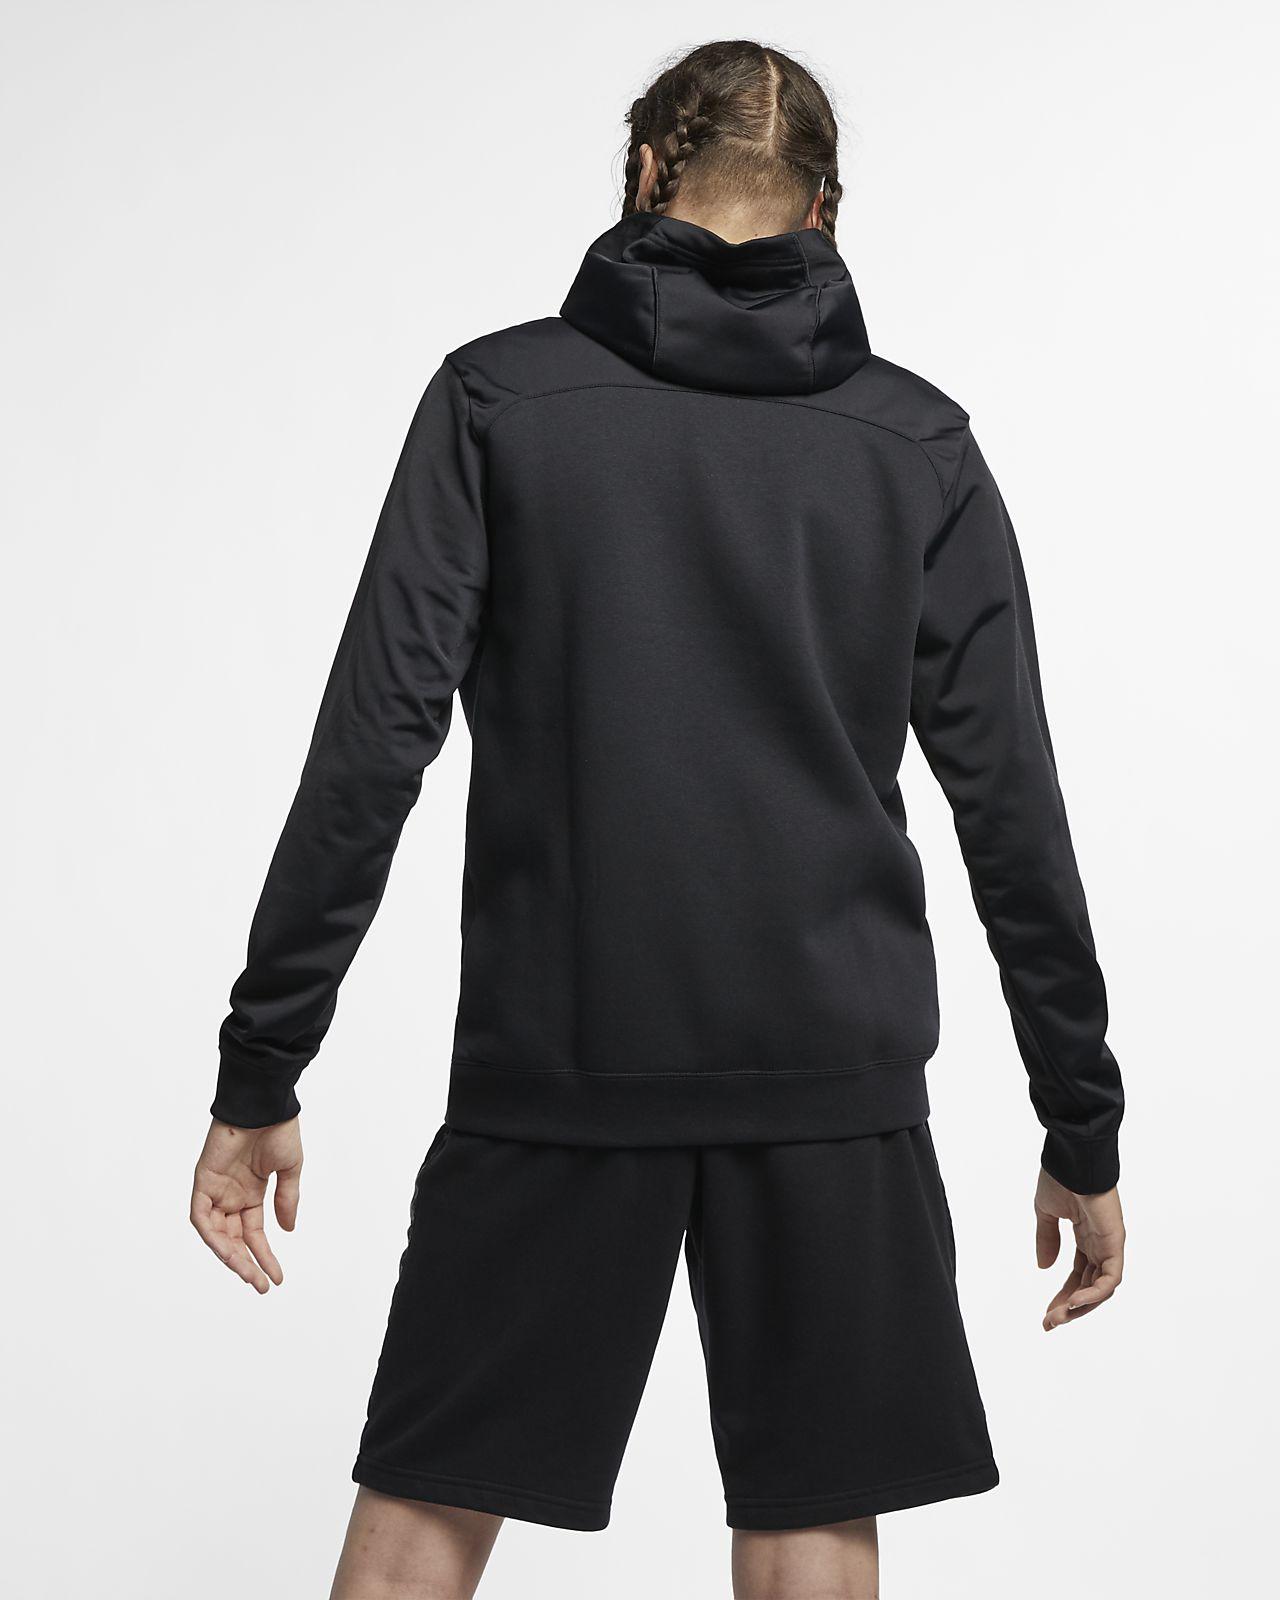 4d6bede2 Huvtröja med halv dragkedja Nike Sportswear för män. Nike.com SE